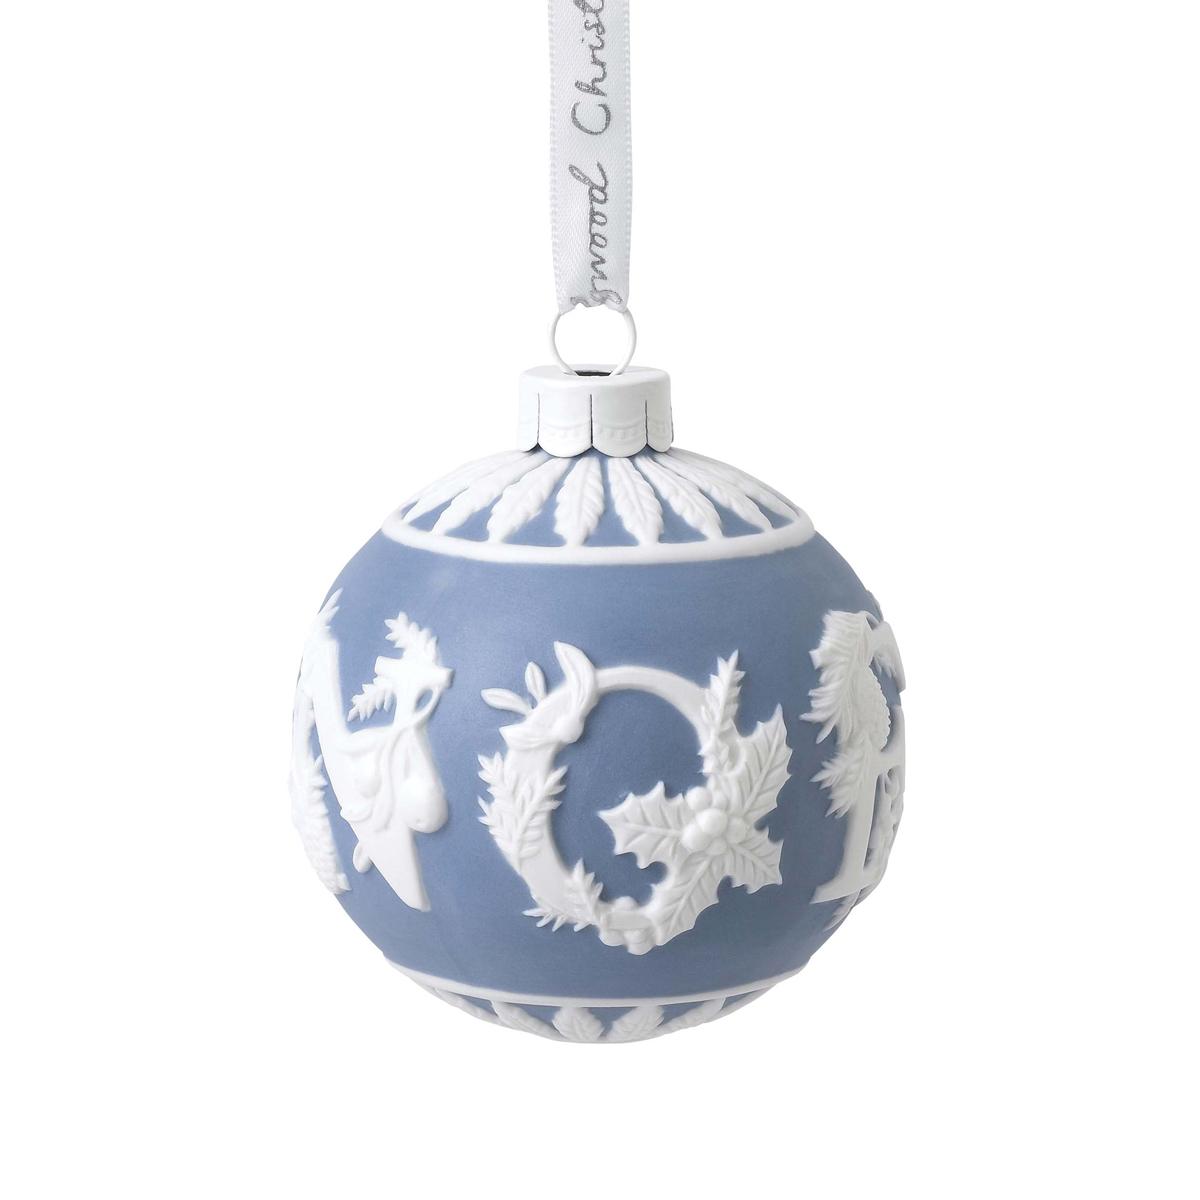 Wedgwood 2020 Noel Ball Ornament